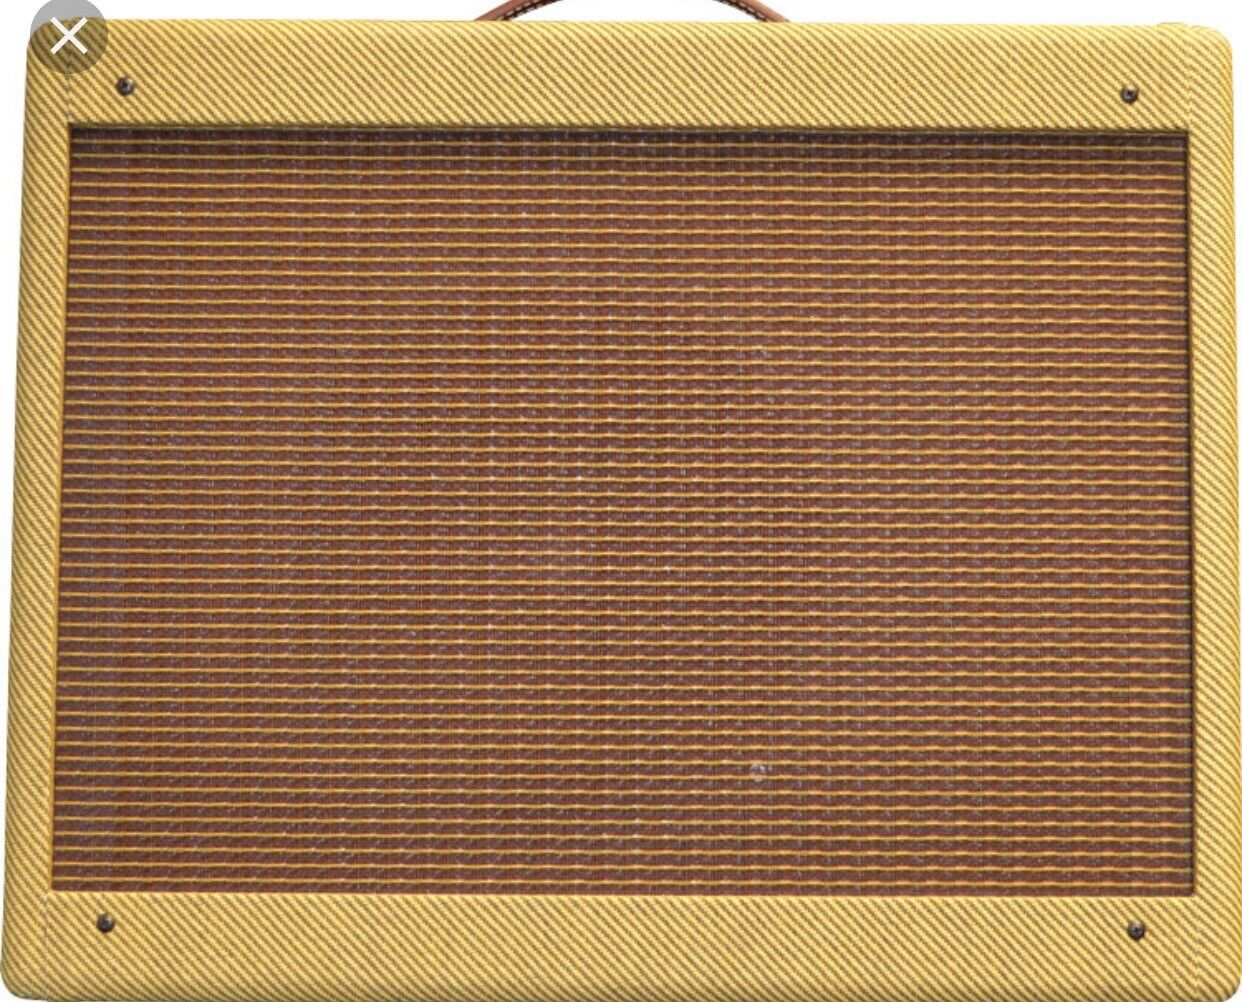 VINTAGETONE Fender 5f11 Vibrolux Style Guitar Amplifier